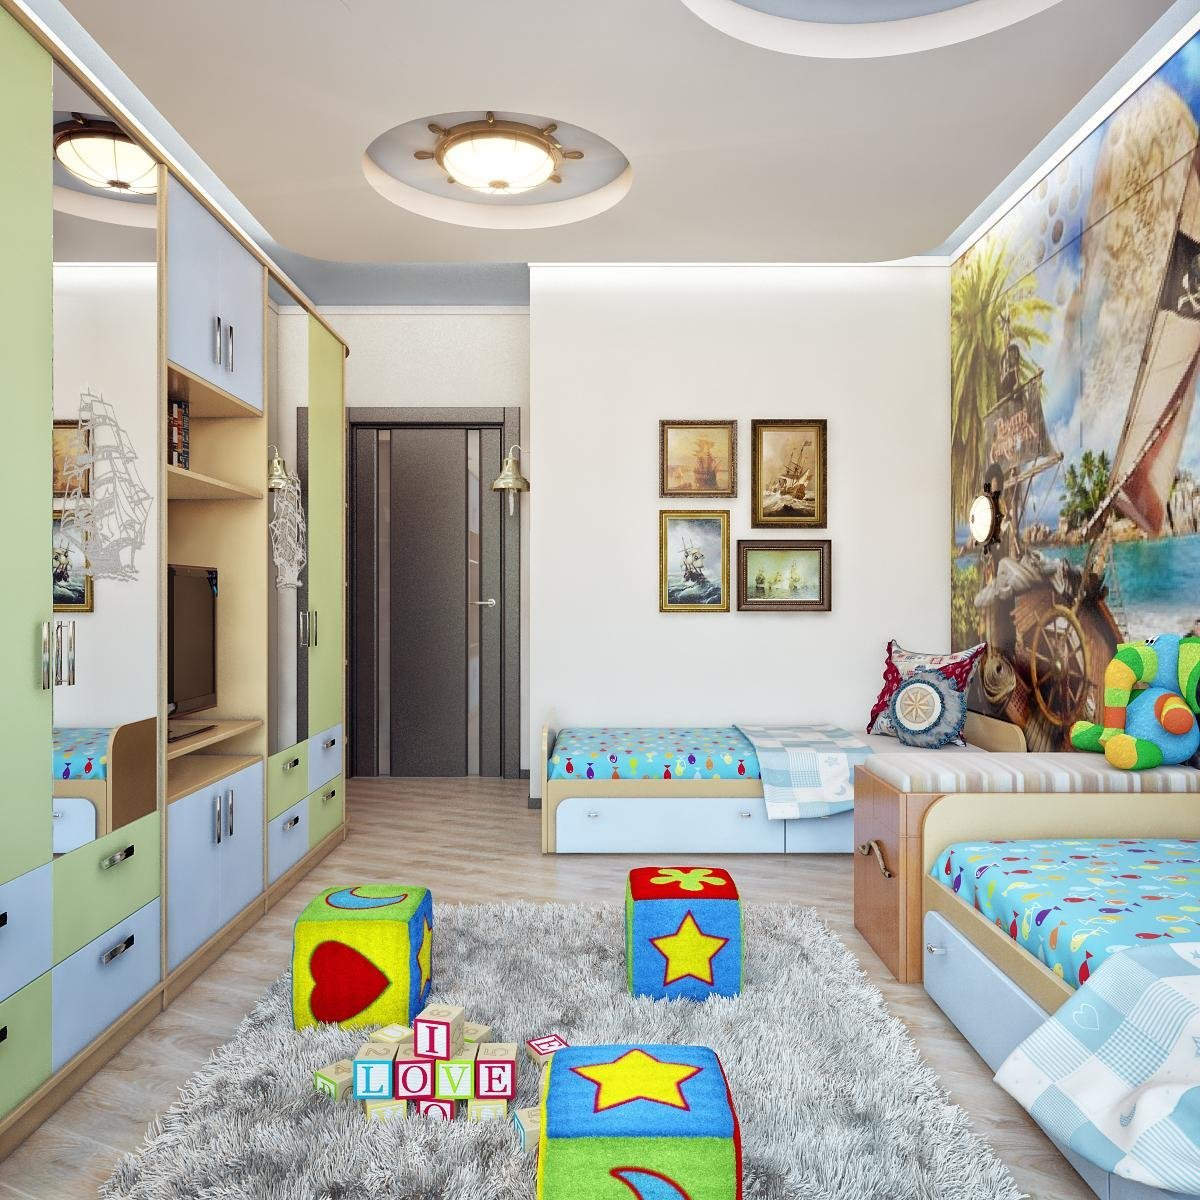 Детская 8 кв. м.: особенности и секреты создания стильного дизайна интерьера для детей (100 фото)